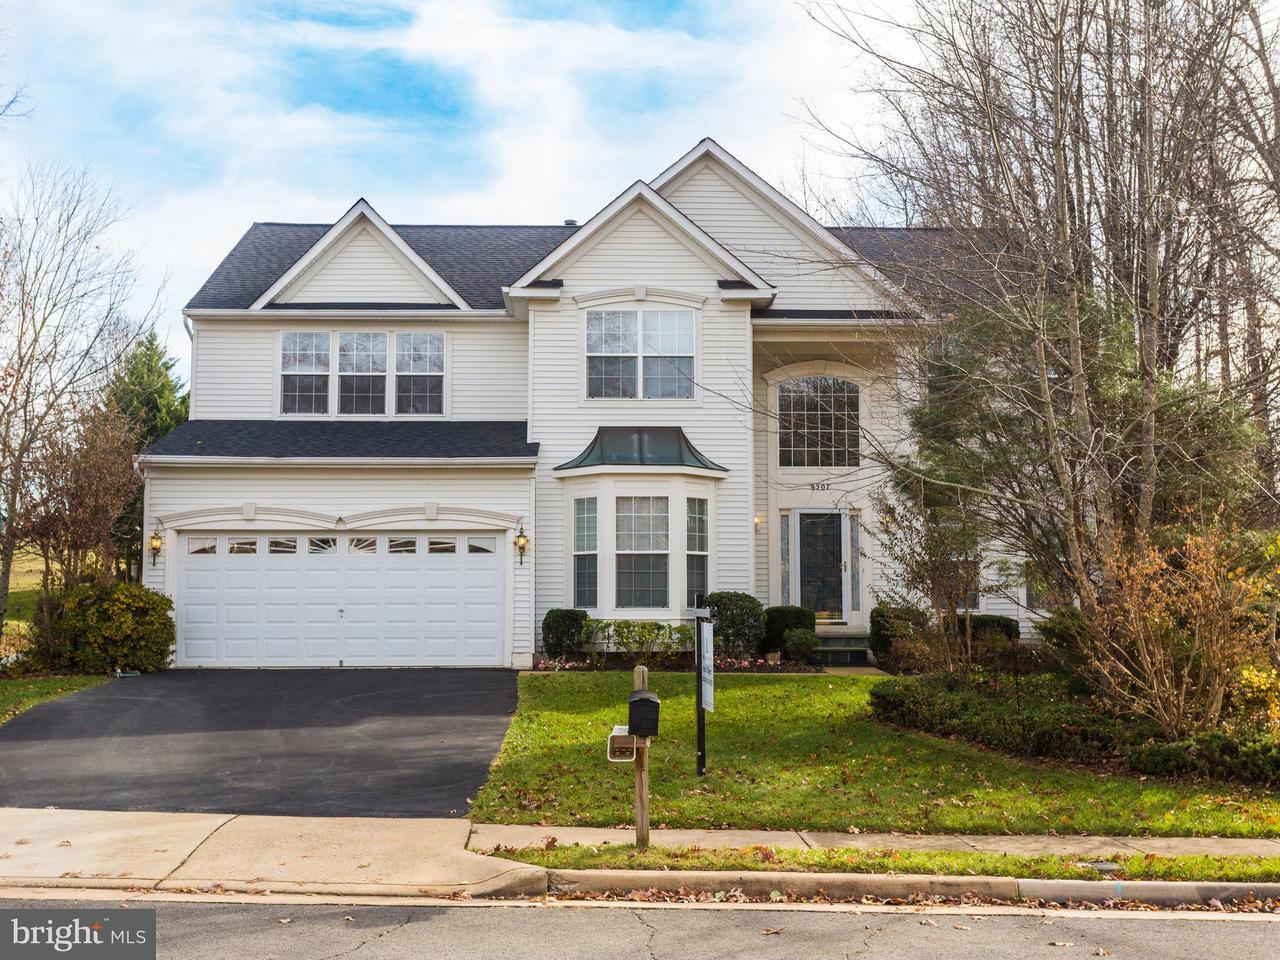 獨棟家庭住宅 為 出售 在 9207 GOLF Court 9207 GOLF Court Manassas Park, 弗吉尼亞州 20111 美國